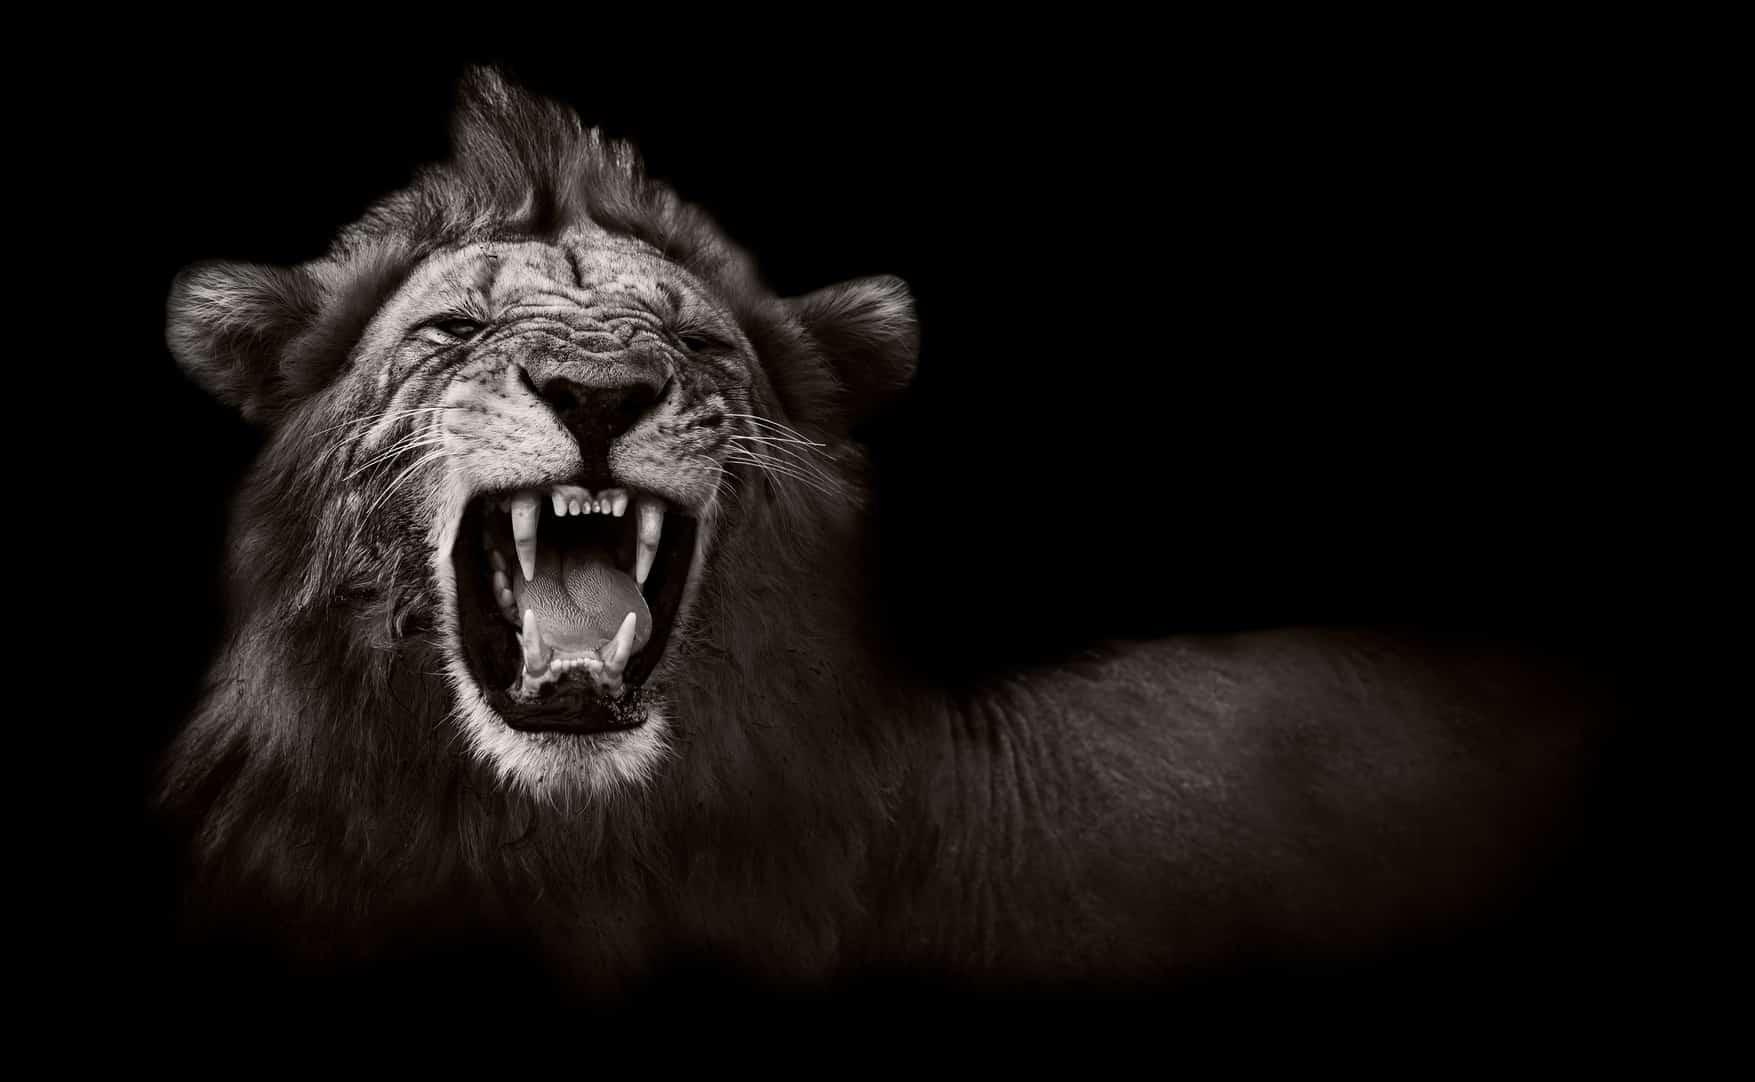 Schreiender Löwe steht dafür Normen zu brechen und sich aufzumachen, glücklich zu sein